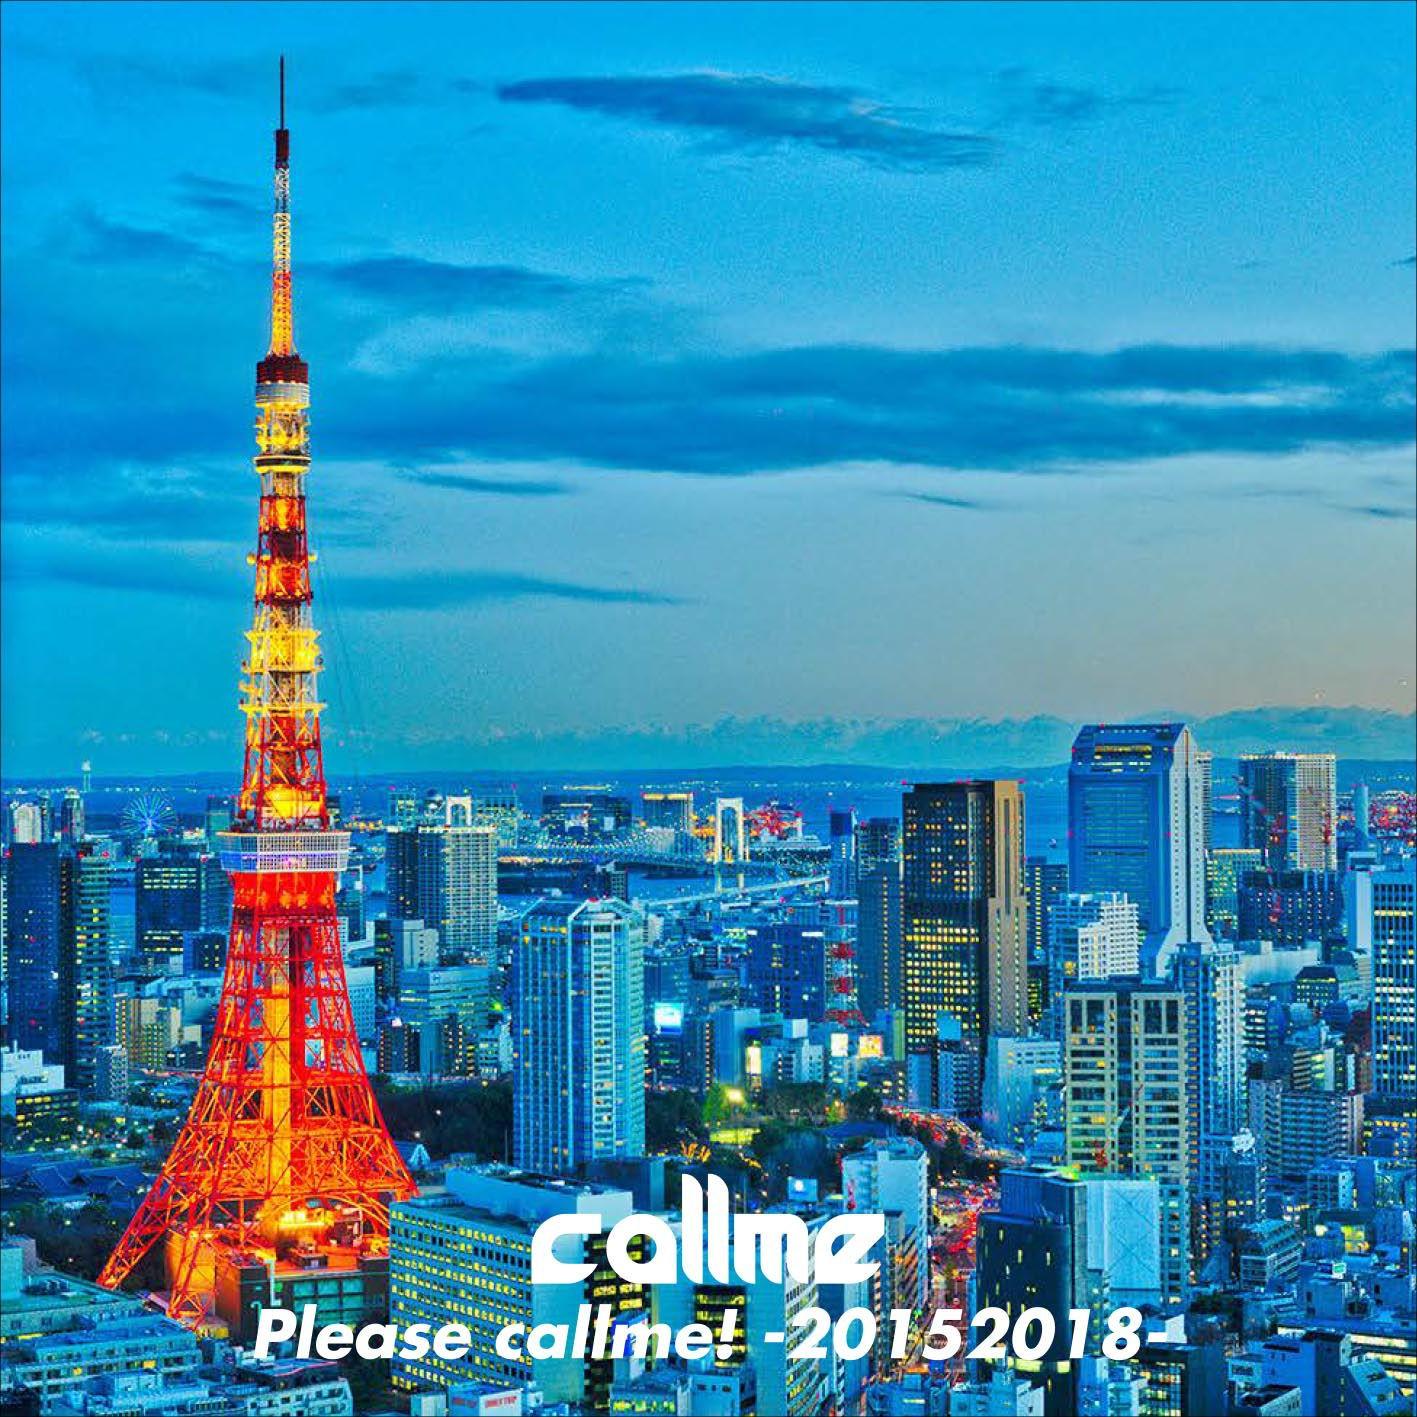 kolme – Please callme! -20152018- [24bit Lossless + MP3 320 / WEB] [2018.07.18]